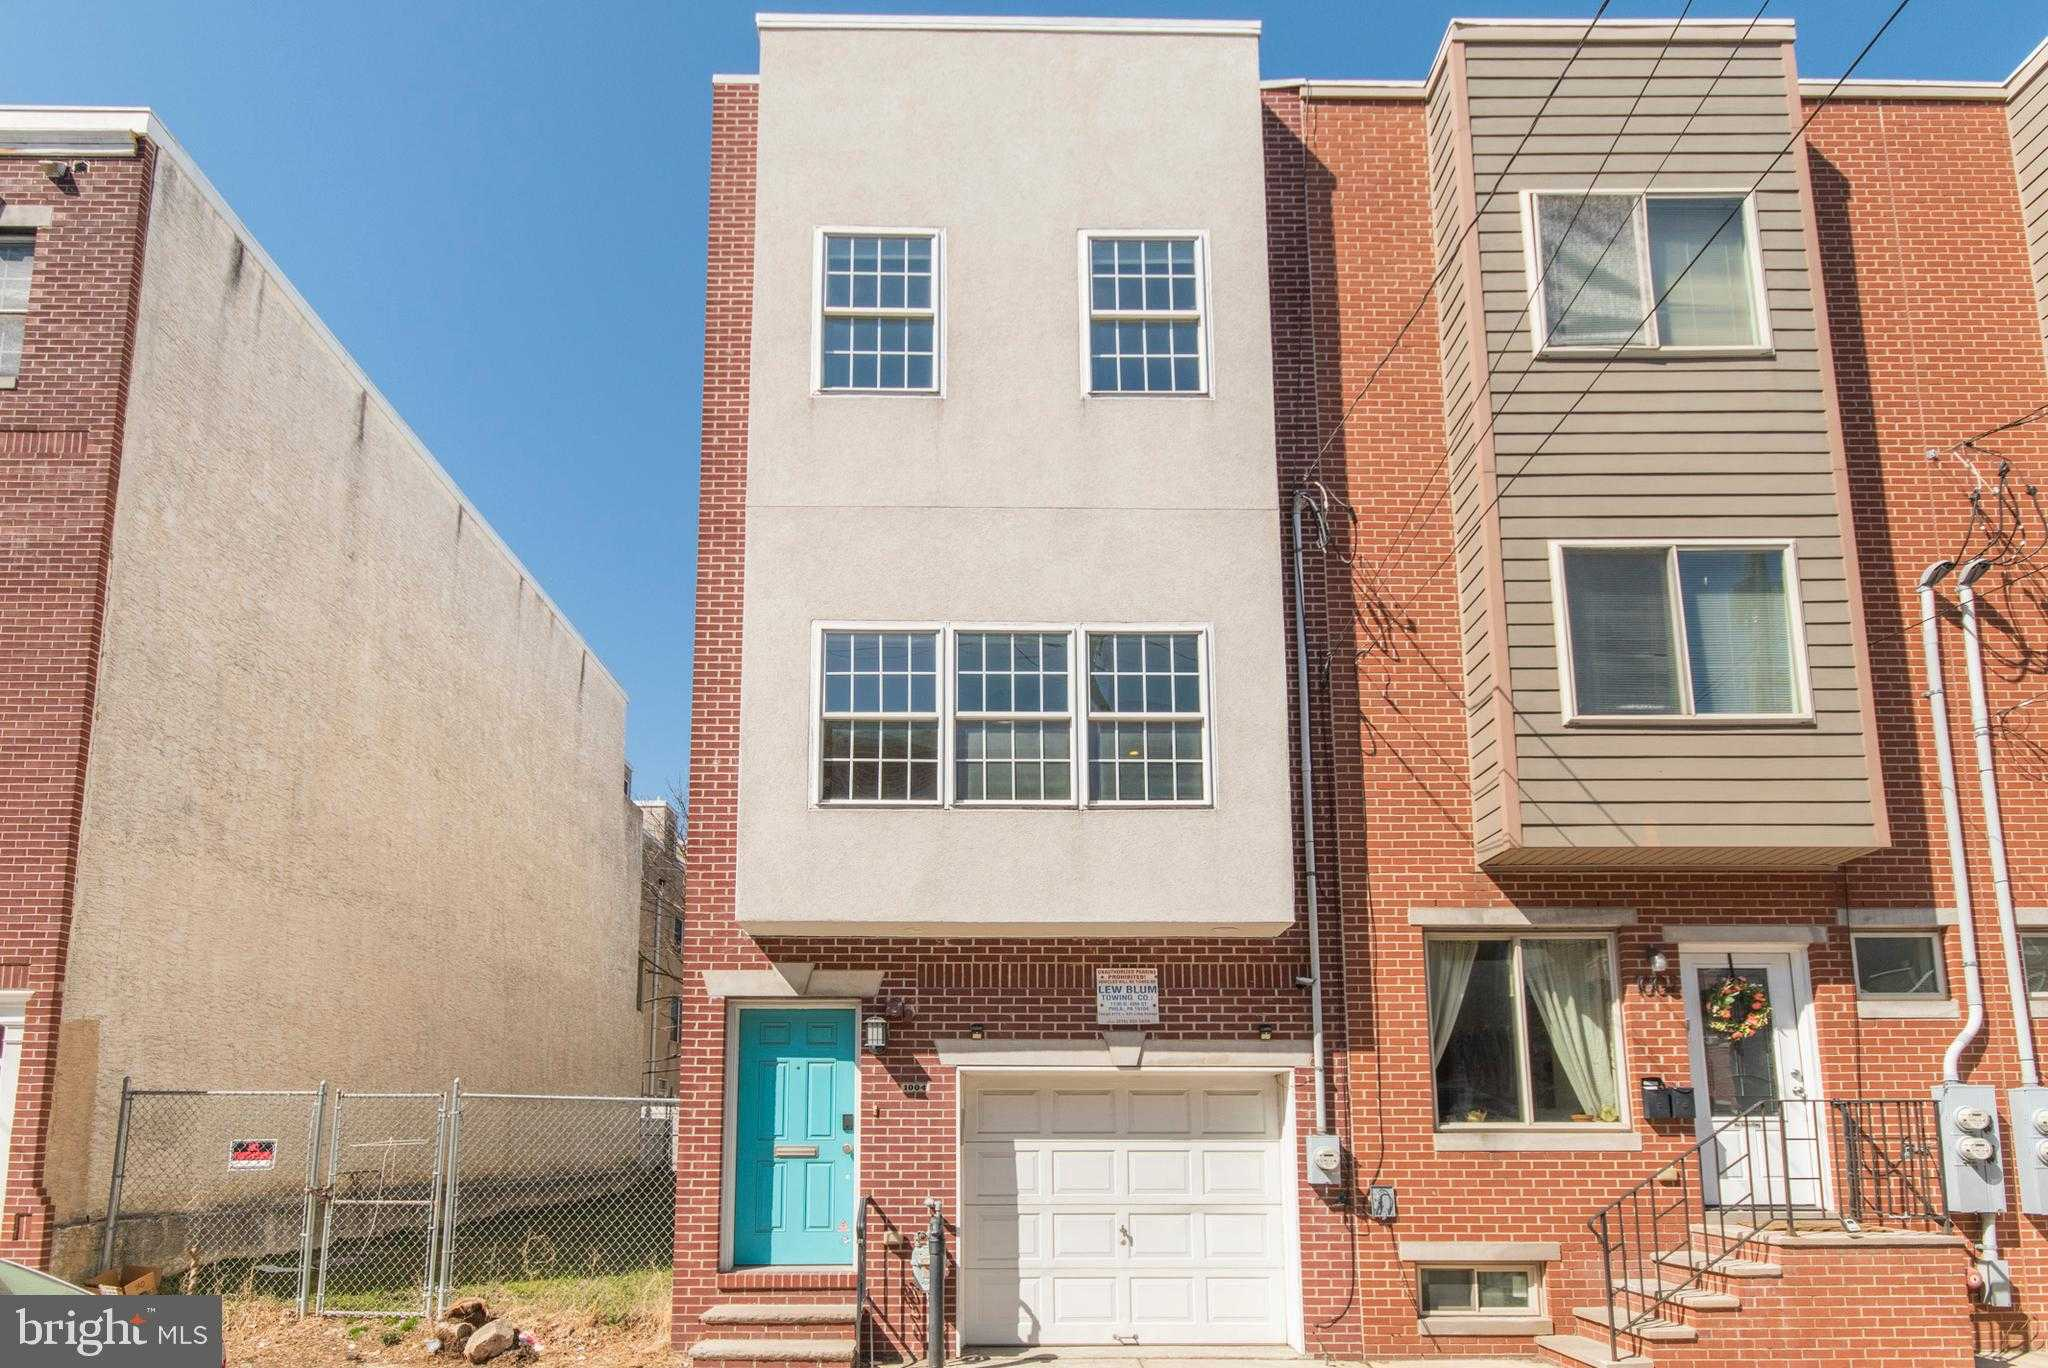 $625,000 - 3Br/3Ba -  for Sale in Graduate Hospital, Philadelphia